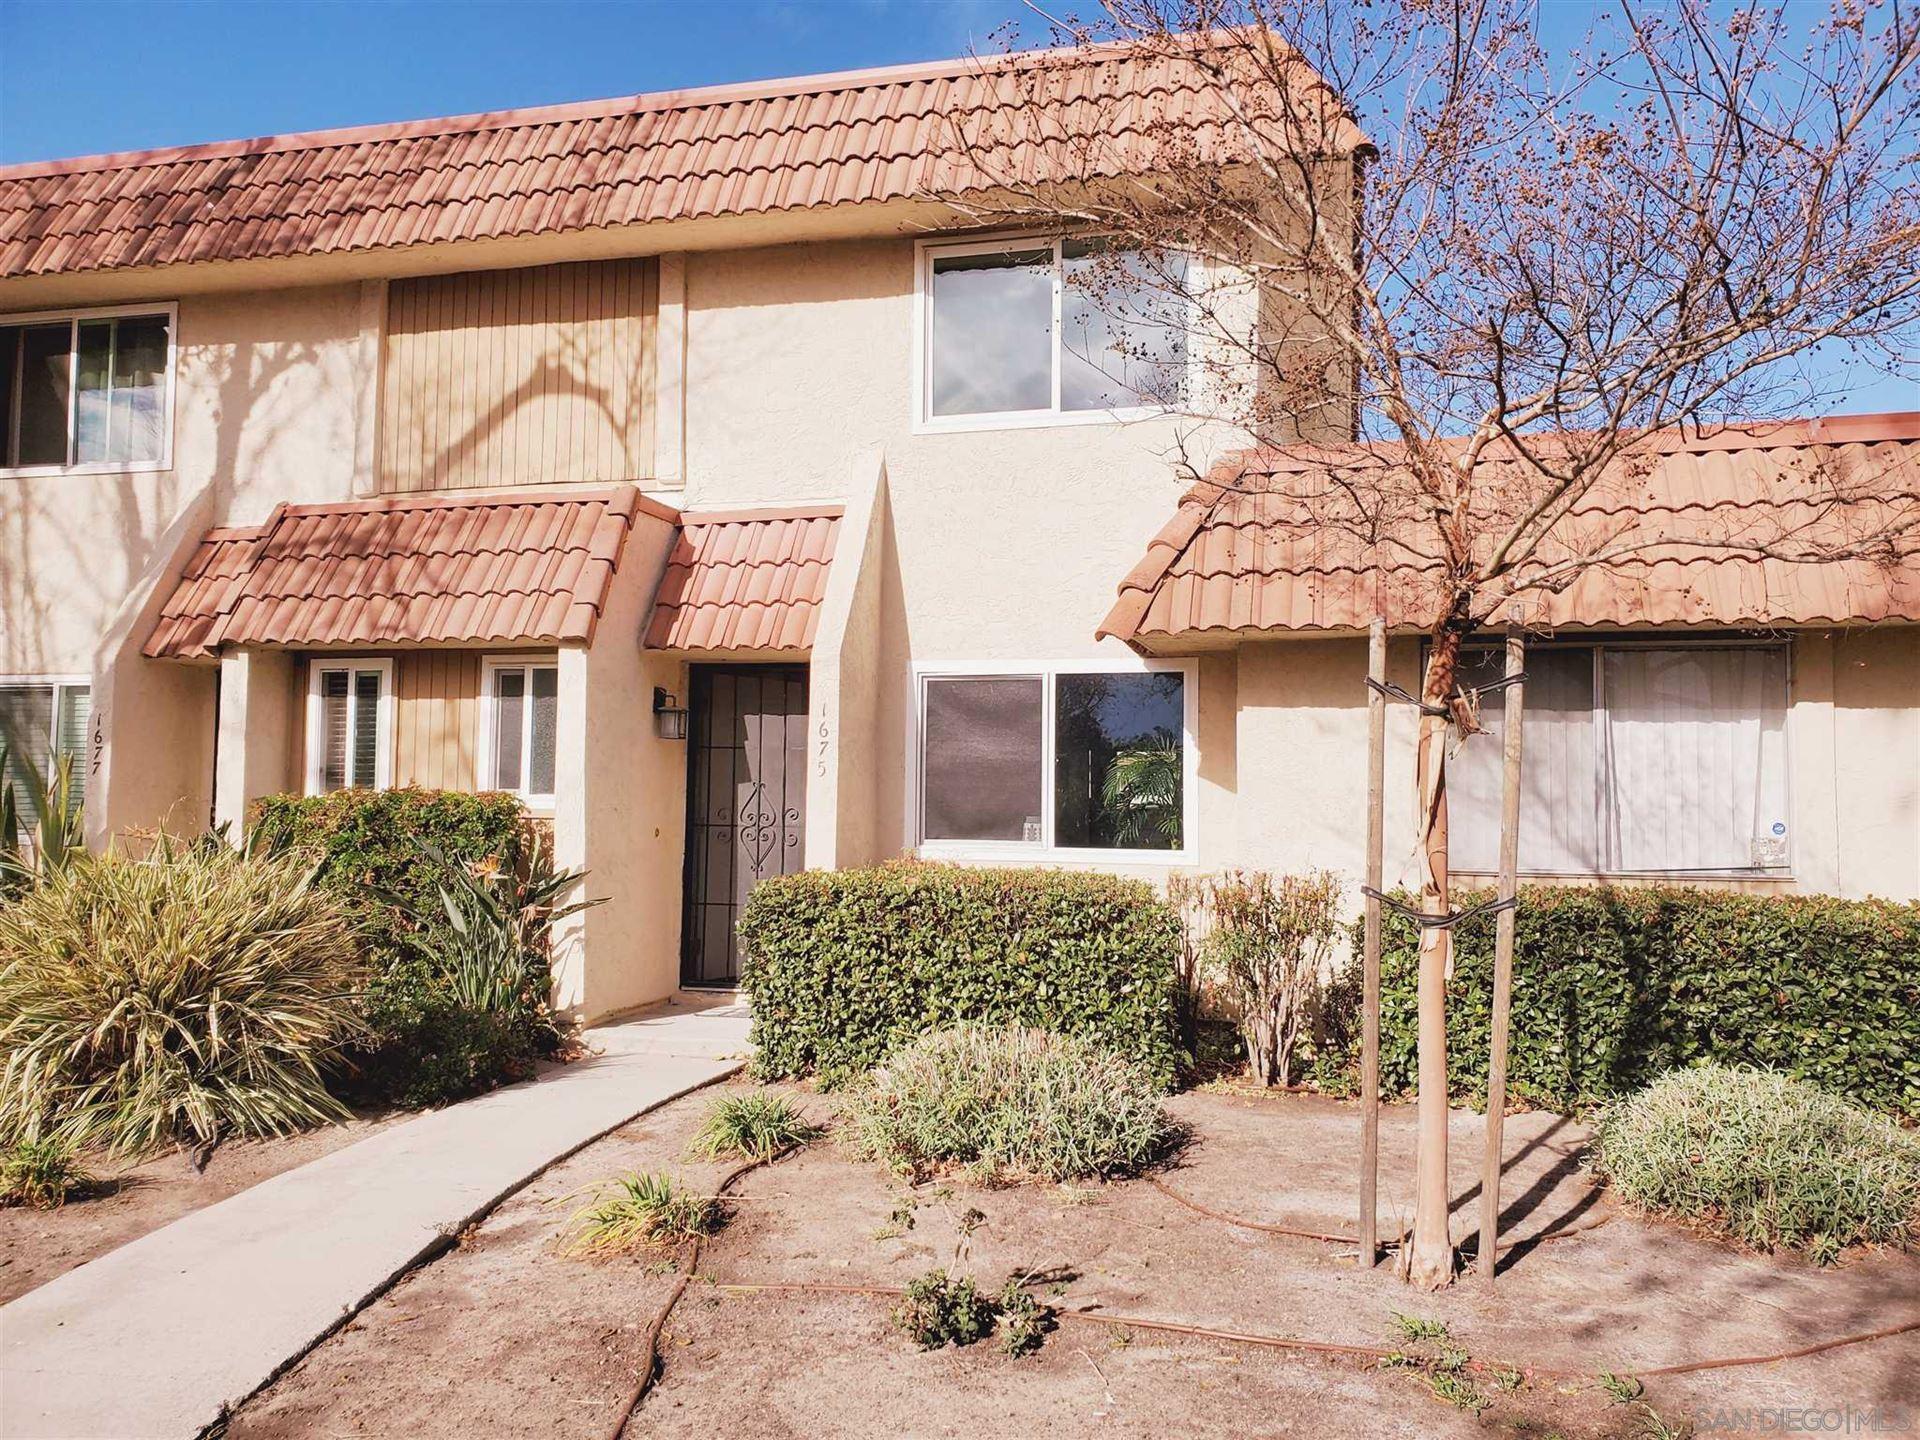 Photo of 1675 Rue De Valle, San Marcos, CA 92078 (MLS # 210001767)